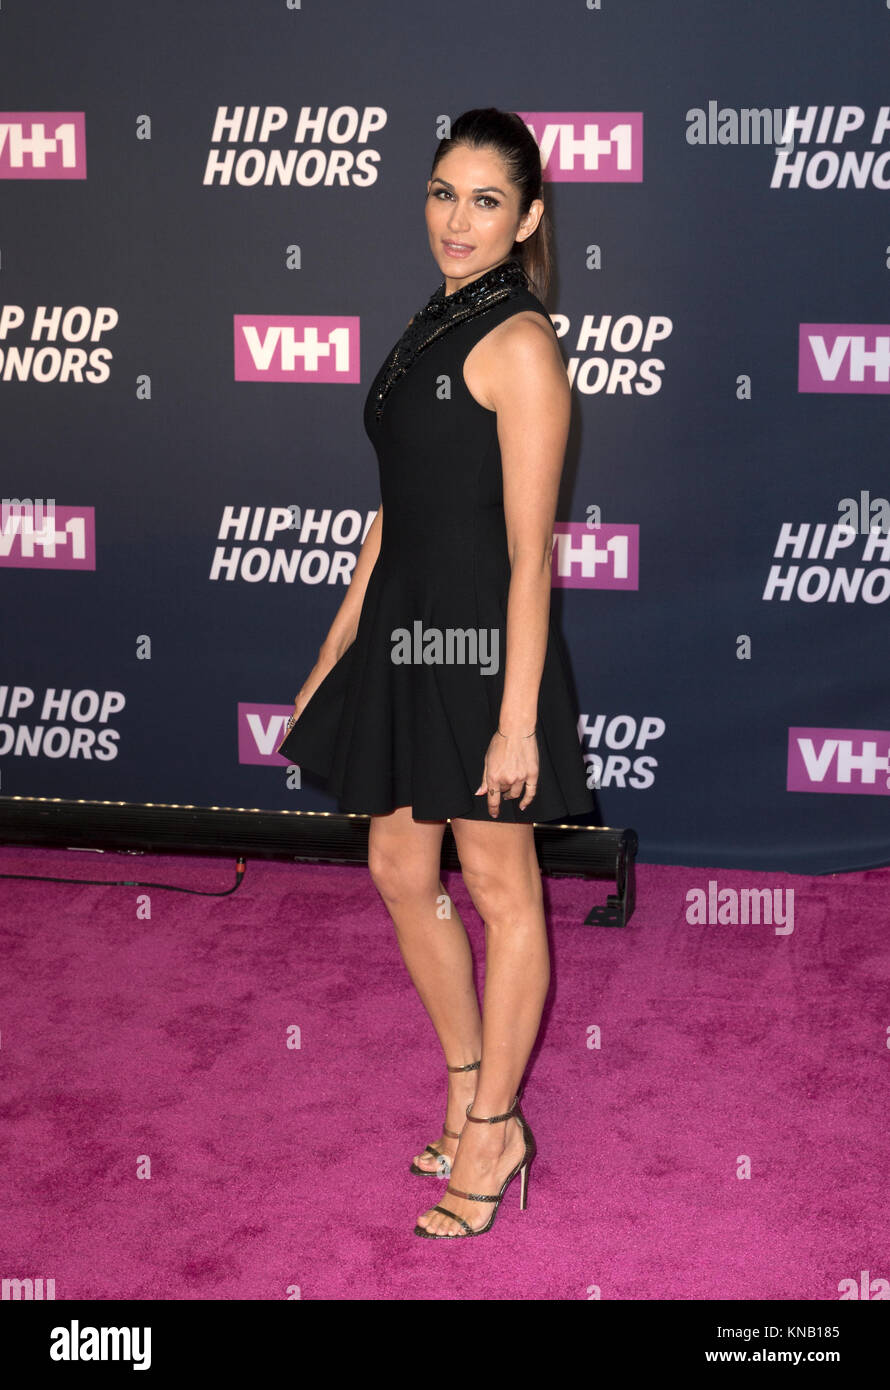 New York, NY - 11. Juli 2016: Lela Loren nimmt 2016 VH1 Hip Hop Honors: All hail The Queens am Lincoln Center Stockbild